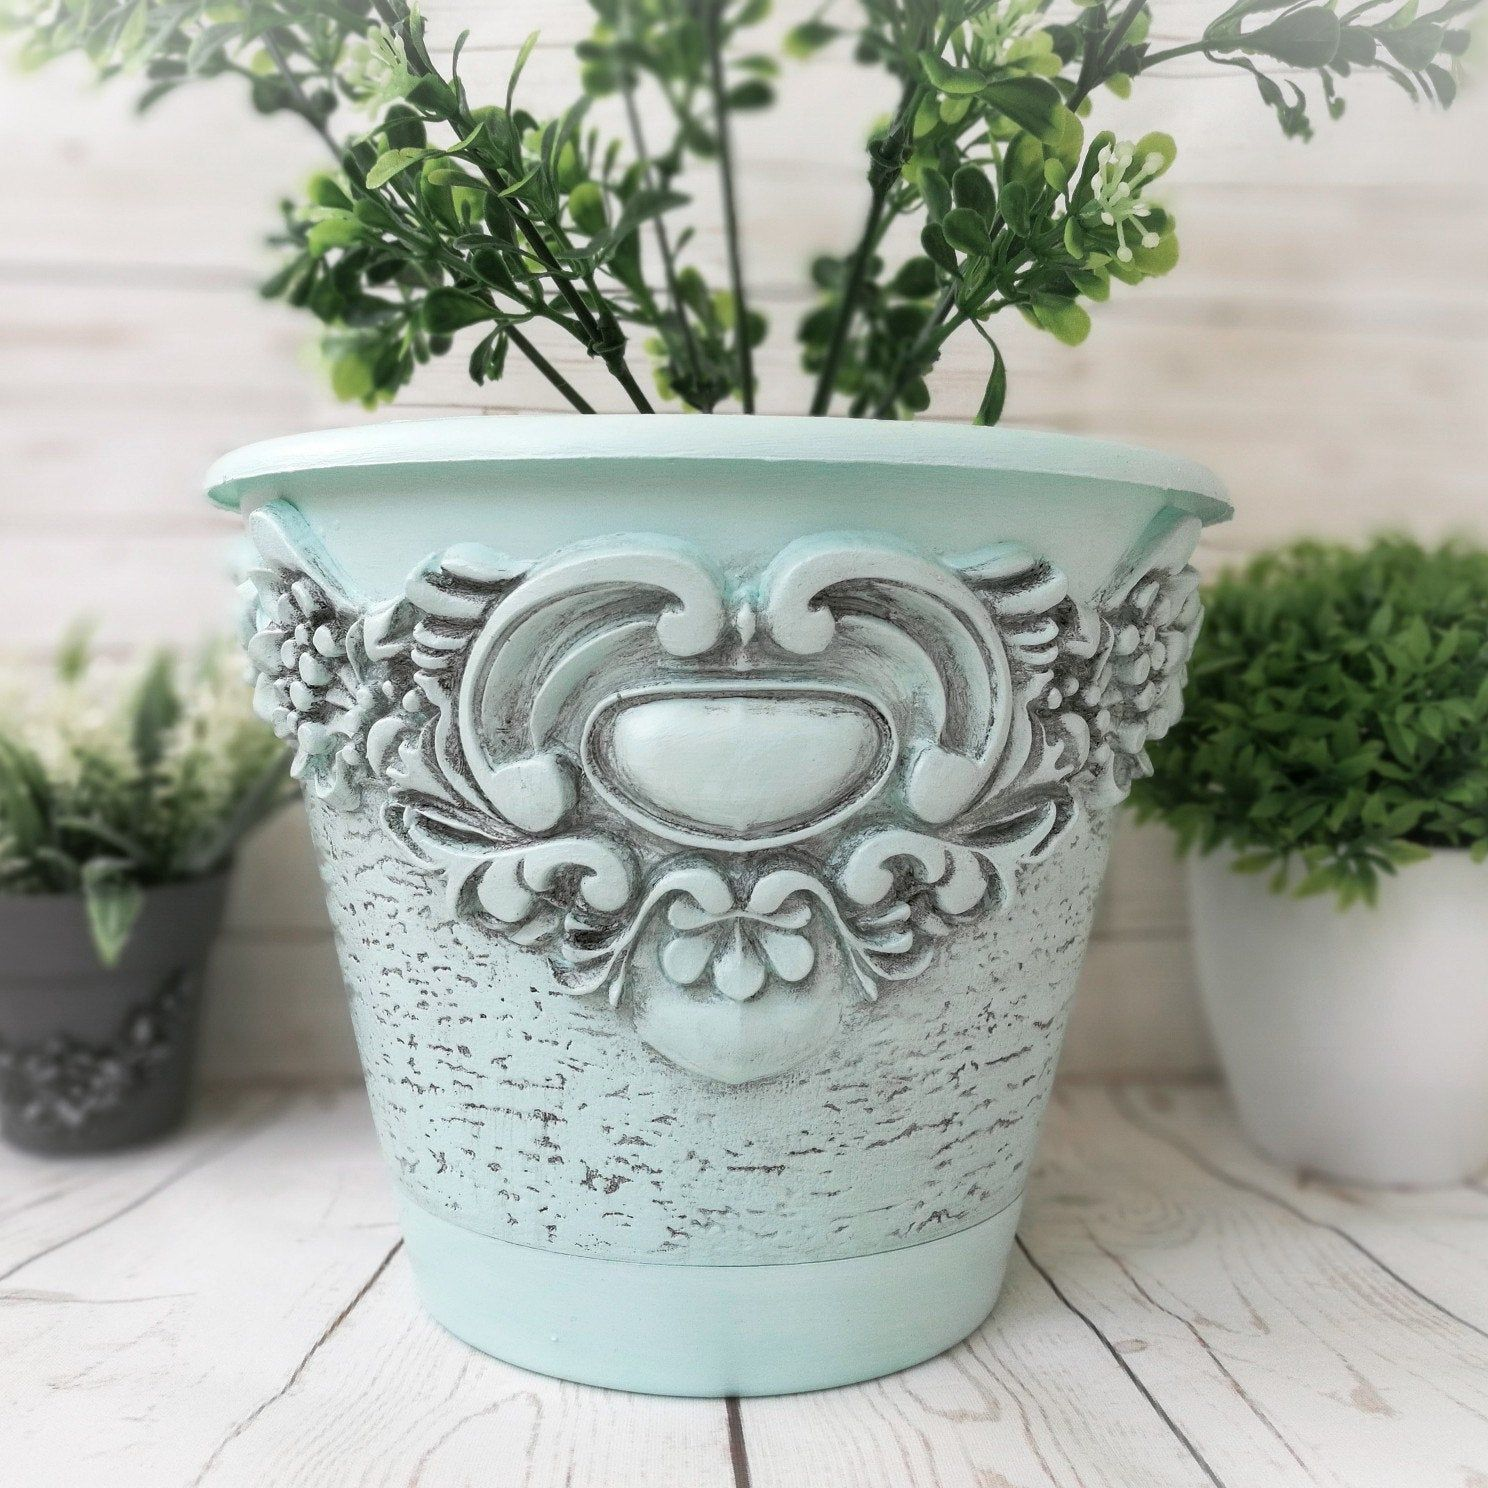 Flower Pot Vintage Planter House Plant Farmhouse Decor Etsy In 2020 Vintage Flower Pots Flower Pots Vintage Planters